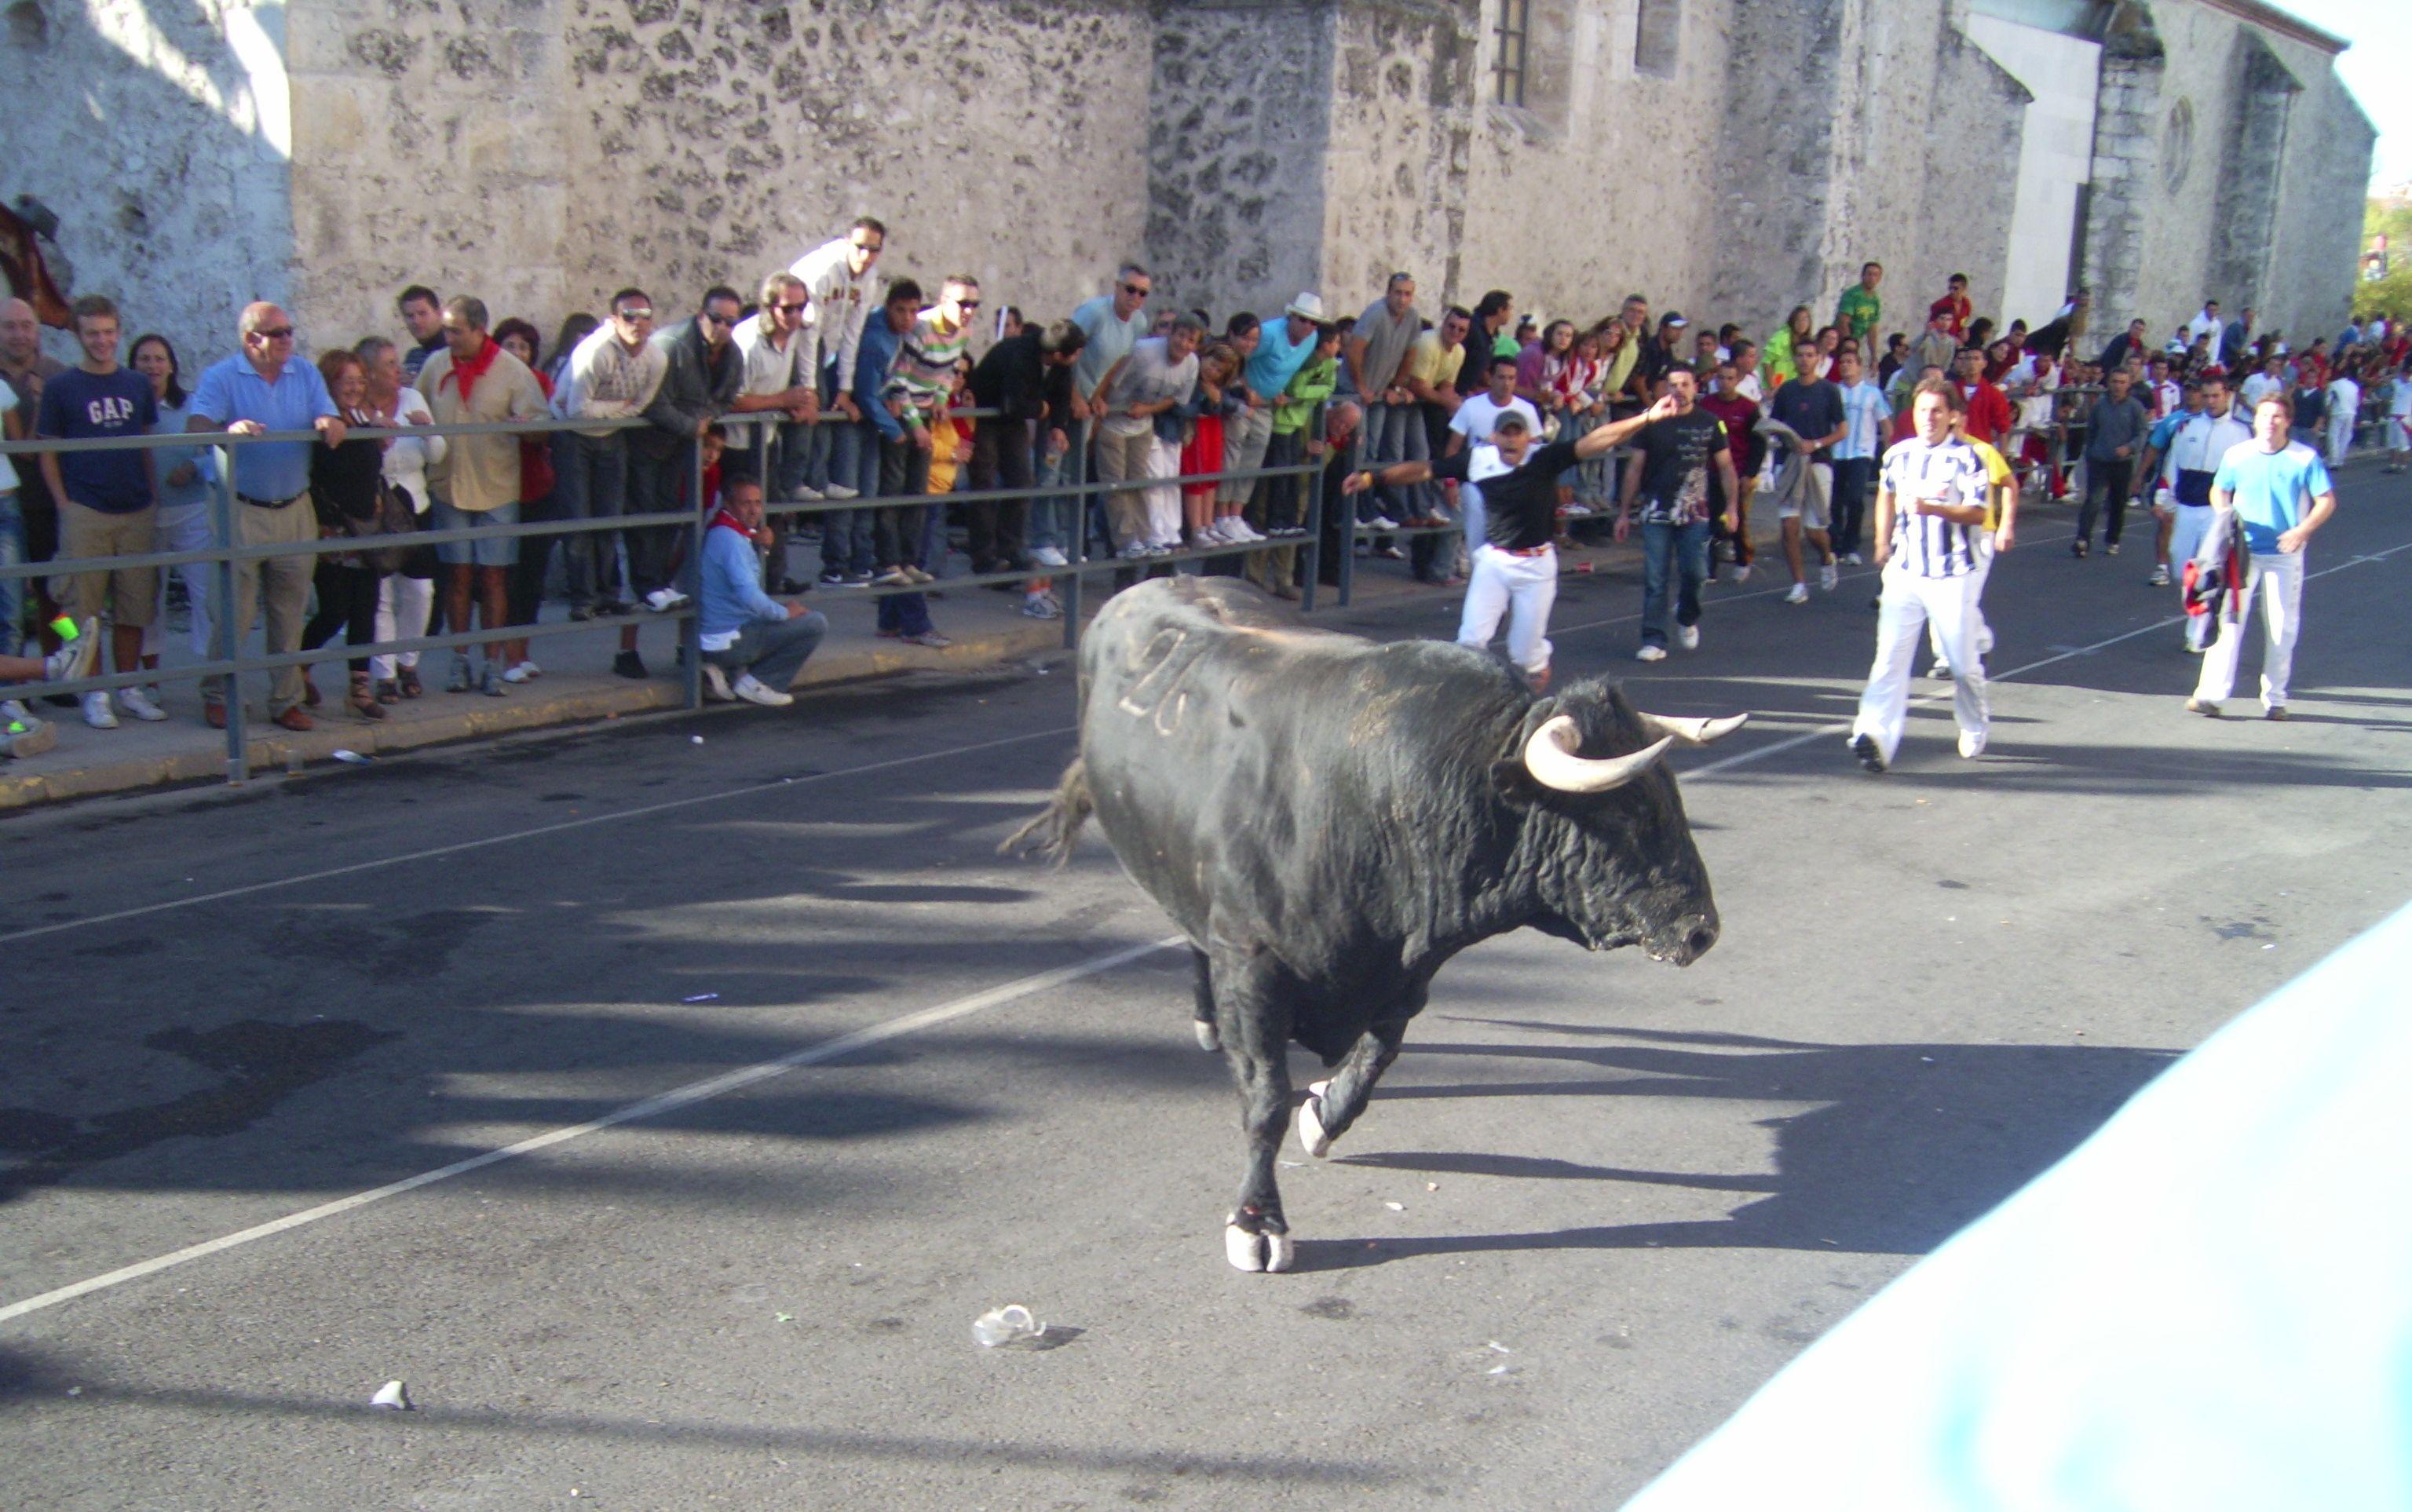 Los toros de uno en uno y despacio para que los veamos bien